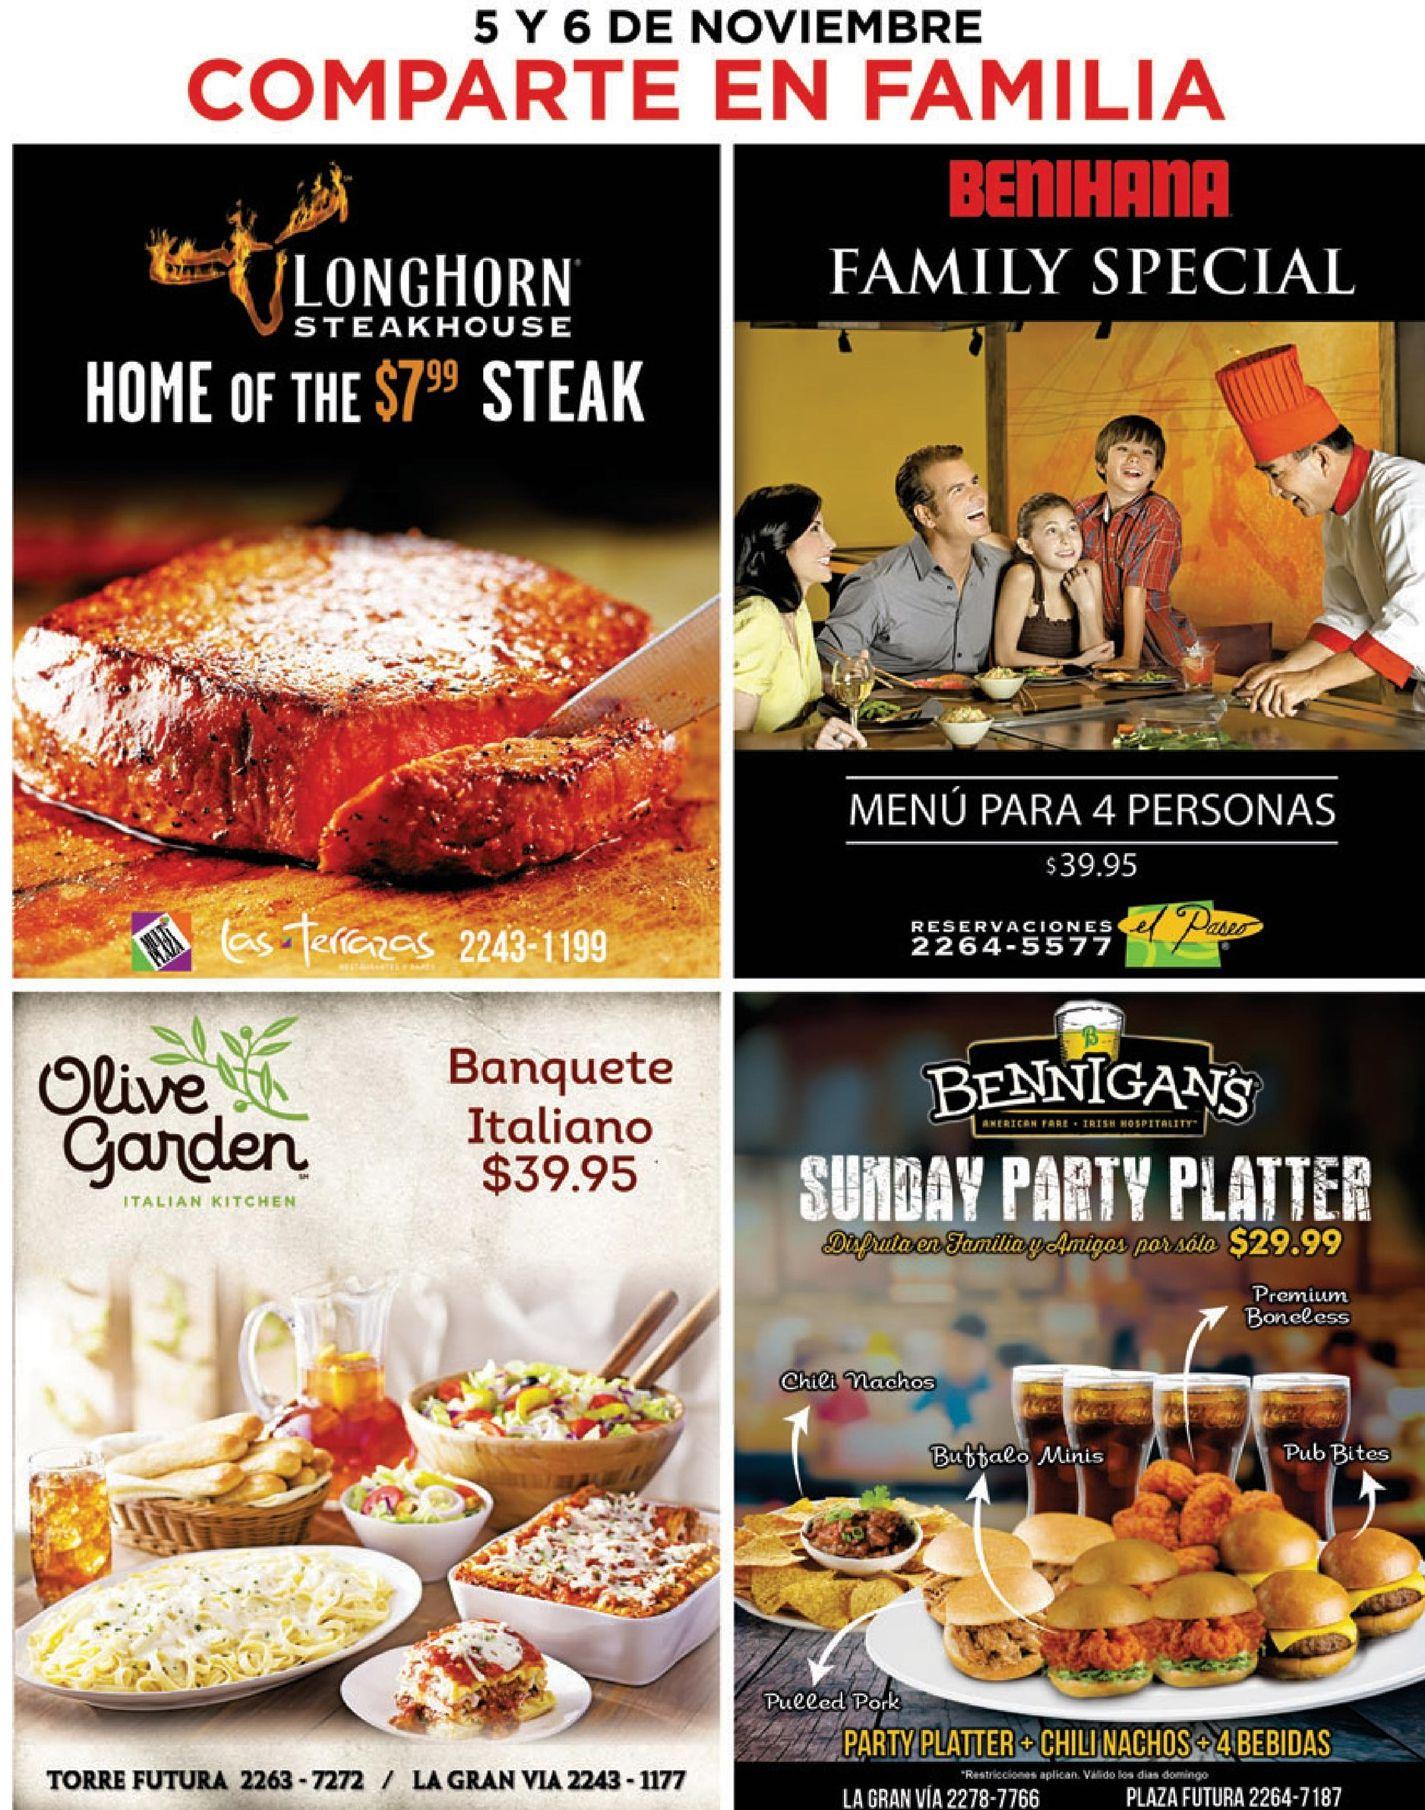 invita-a-comer-a-tu-pareja-o-familia-este-fin-semana